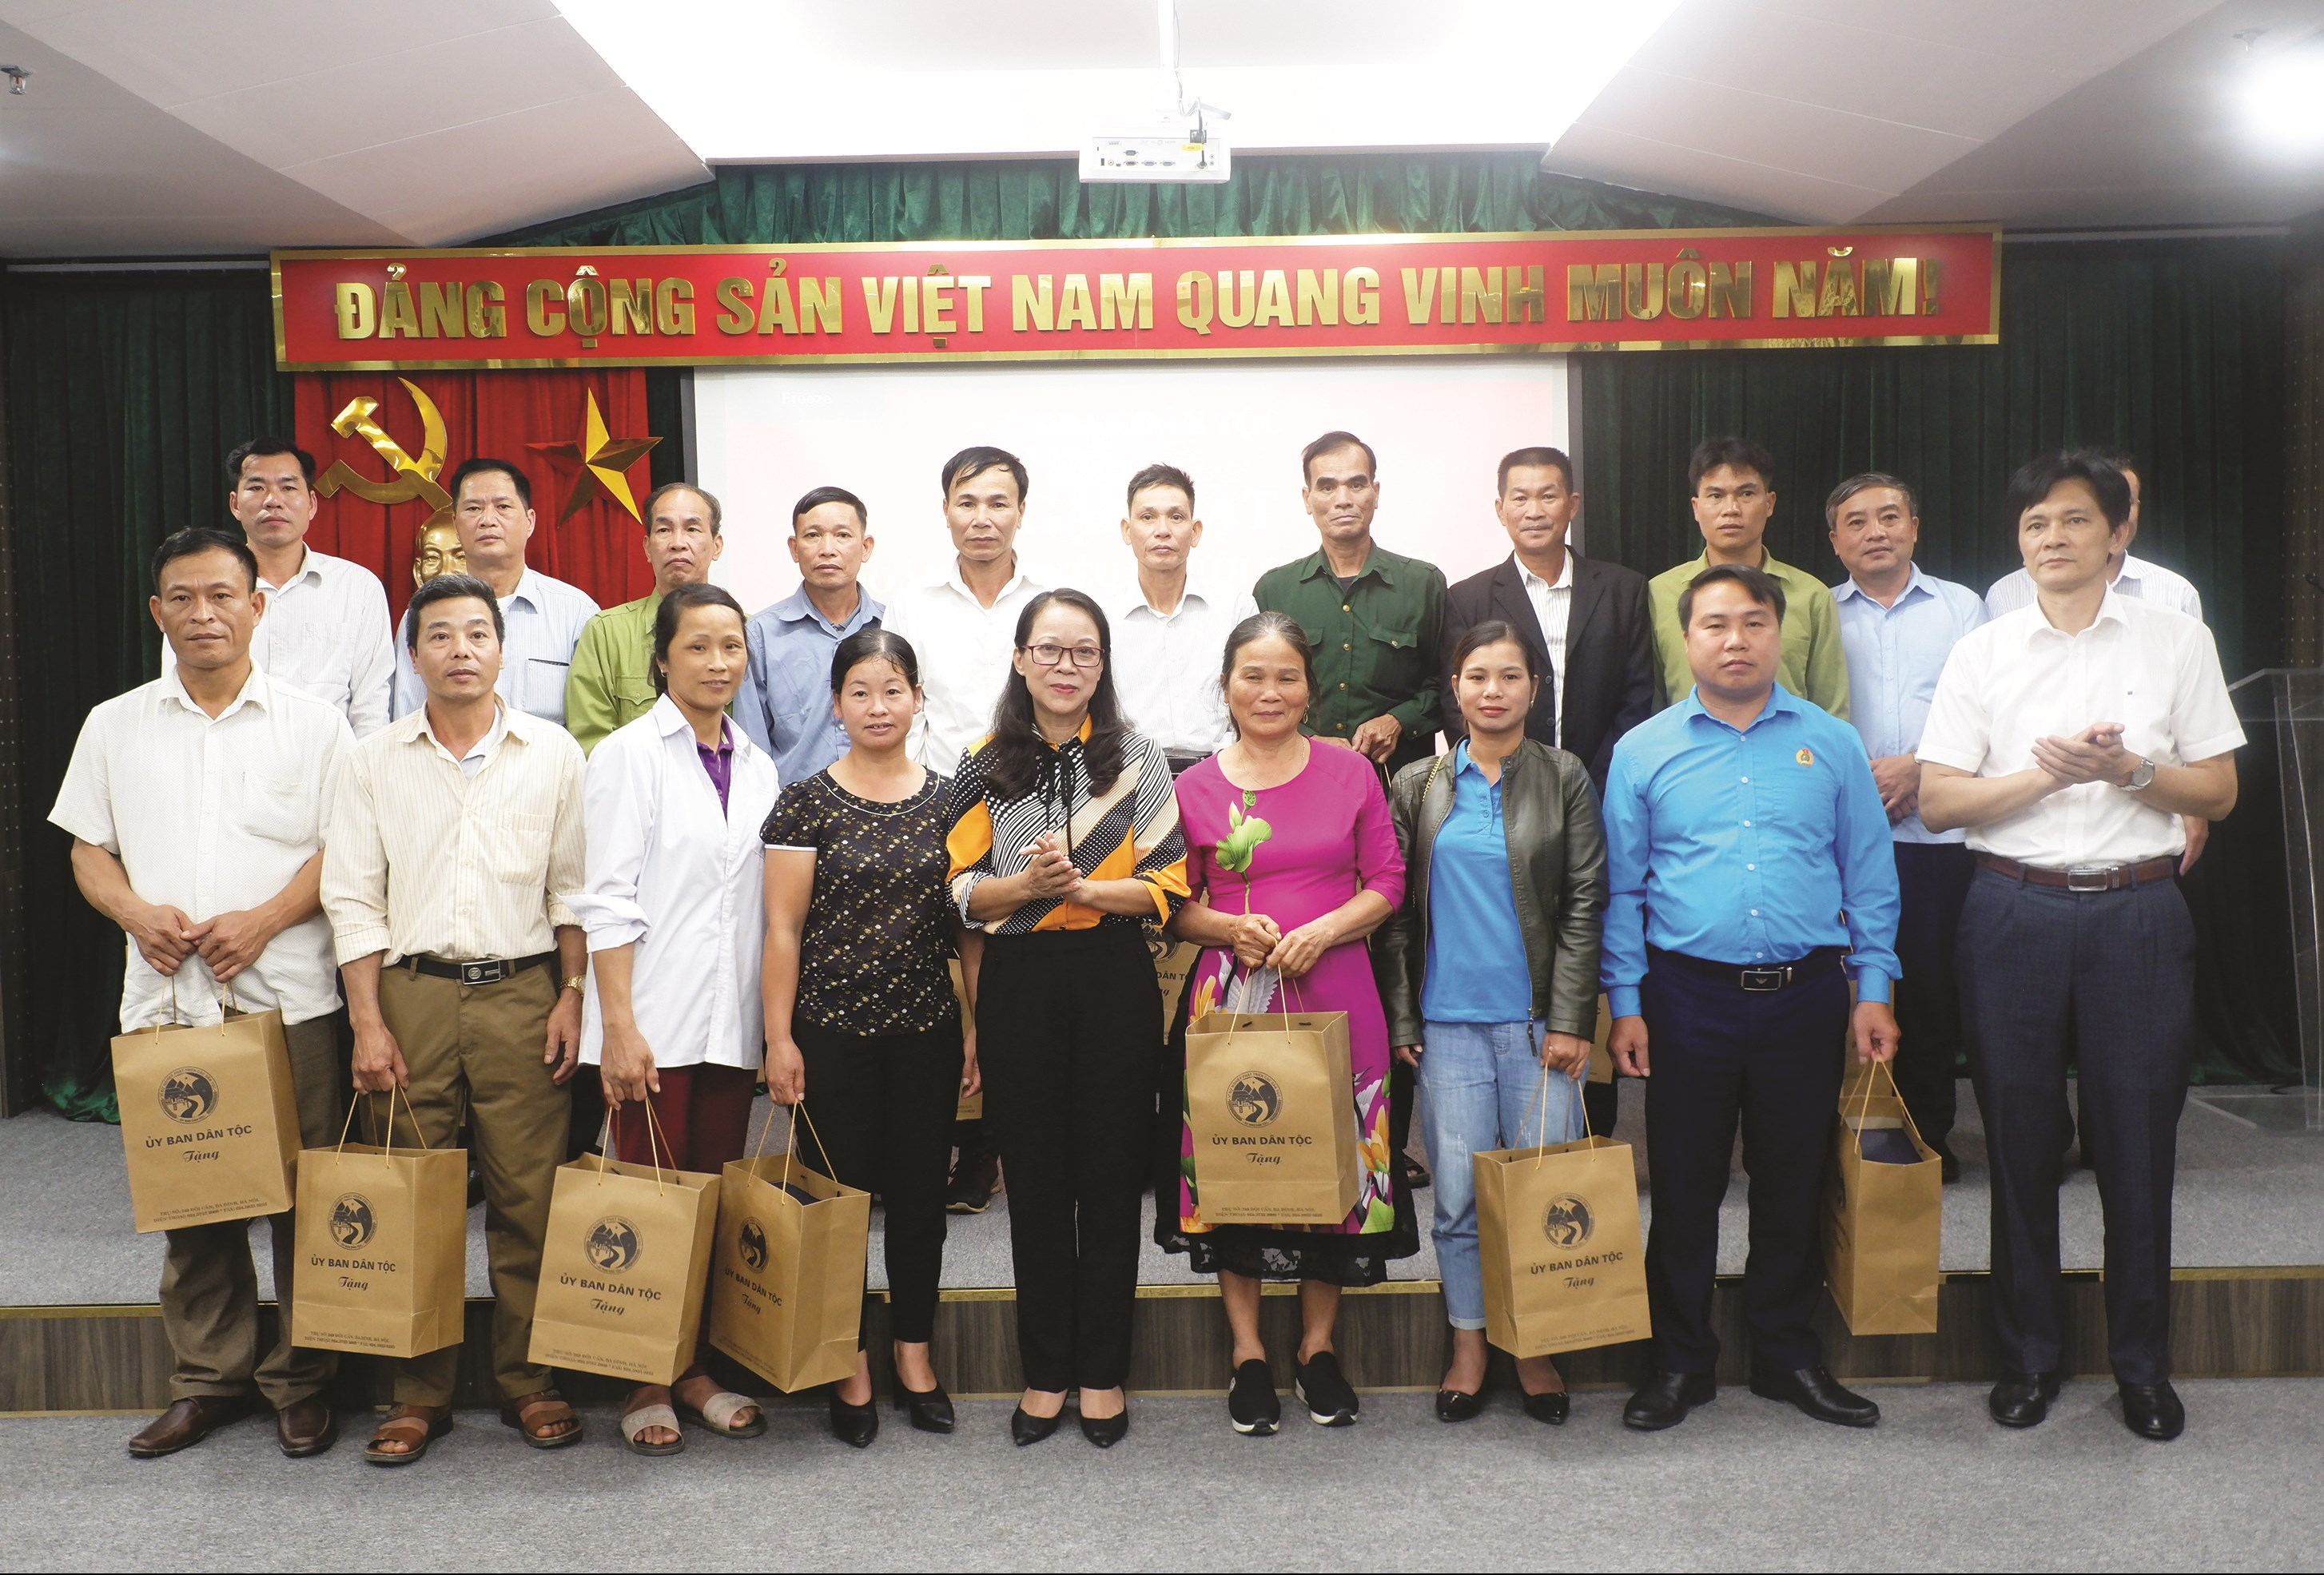 Thứ trưởng, Phó Chủ nhiệm UBDT Hoàng Thị Hạnh tặng quà của UBDT cho các đại biểu Người có uy tín tỉnh Tuyên Quang